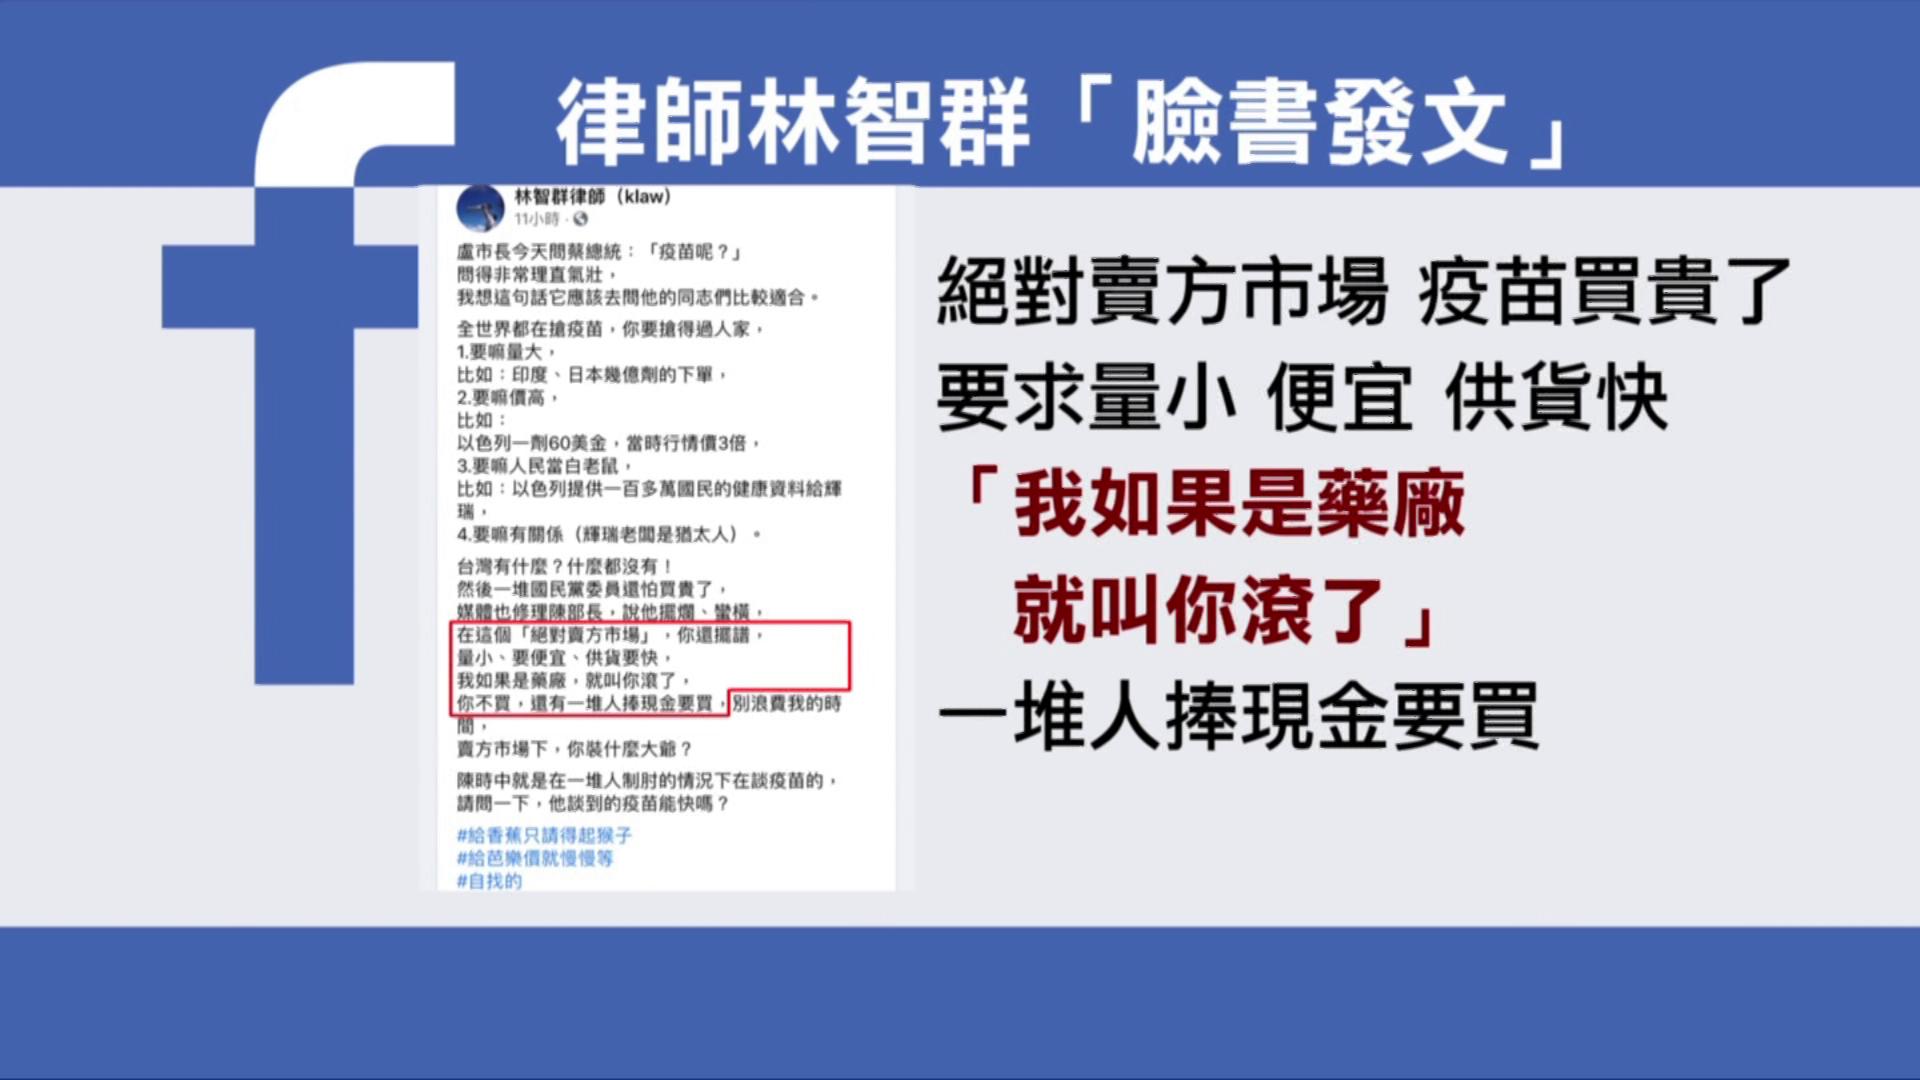 台灣「買疫苗」耍大爺心態? 律師痛批:我是藥廠就叫你滾